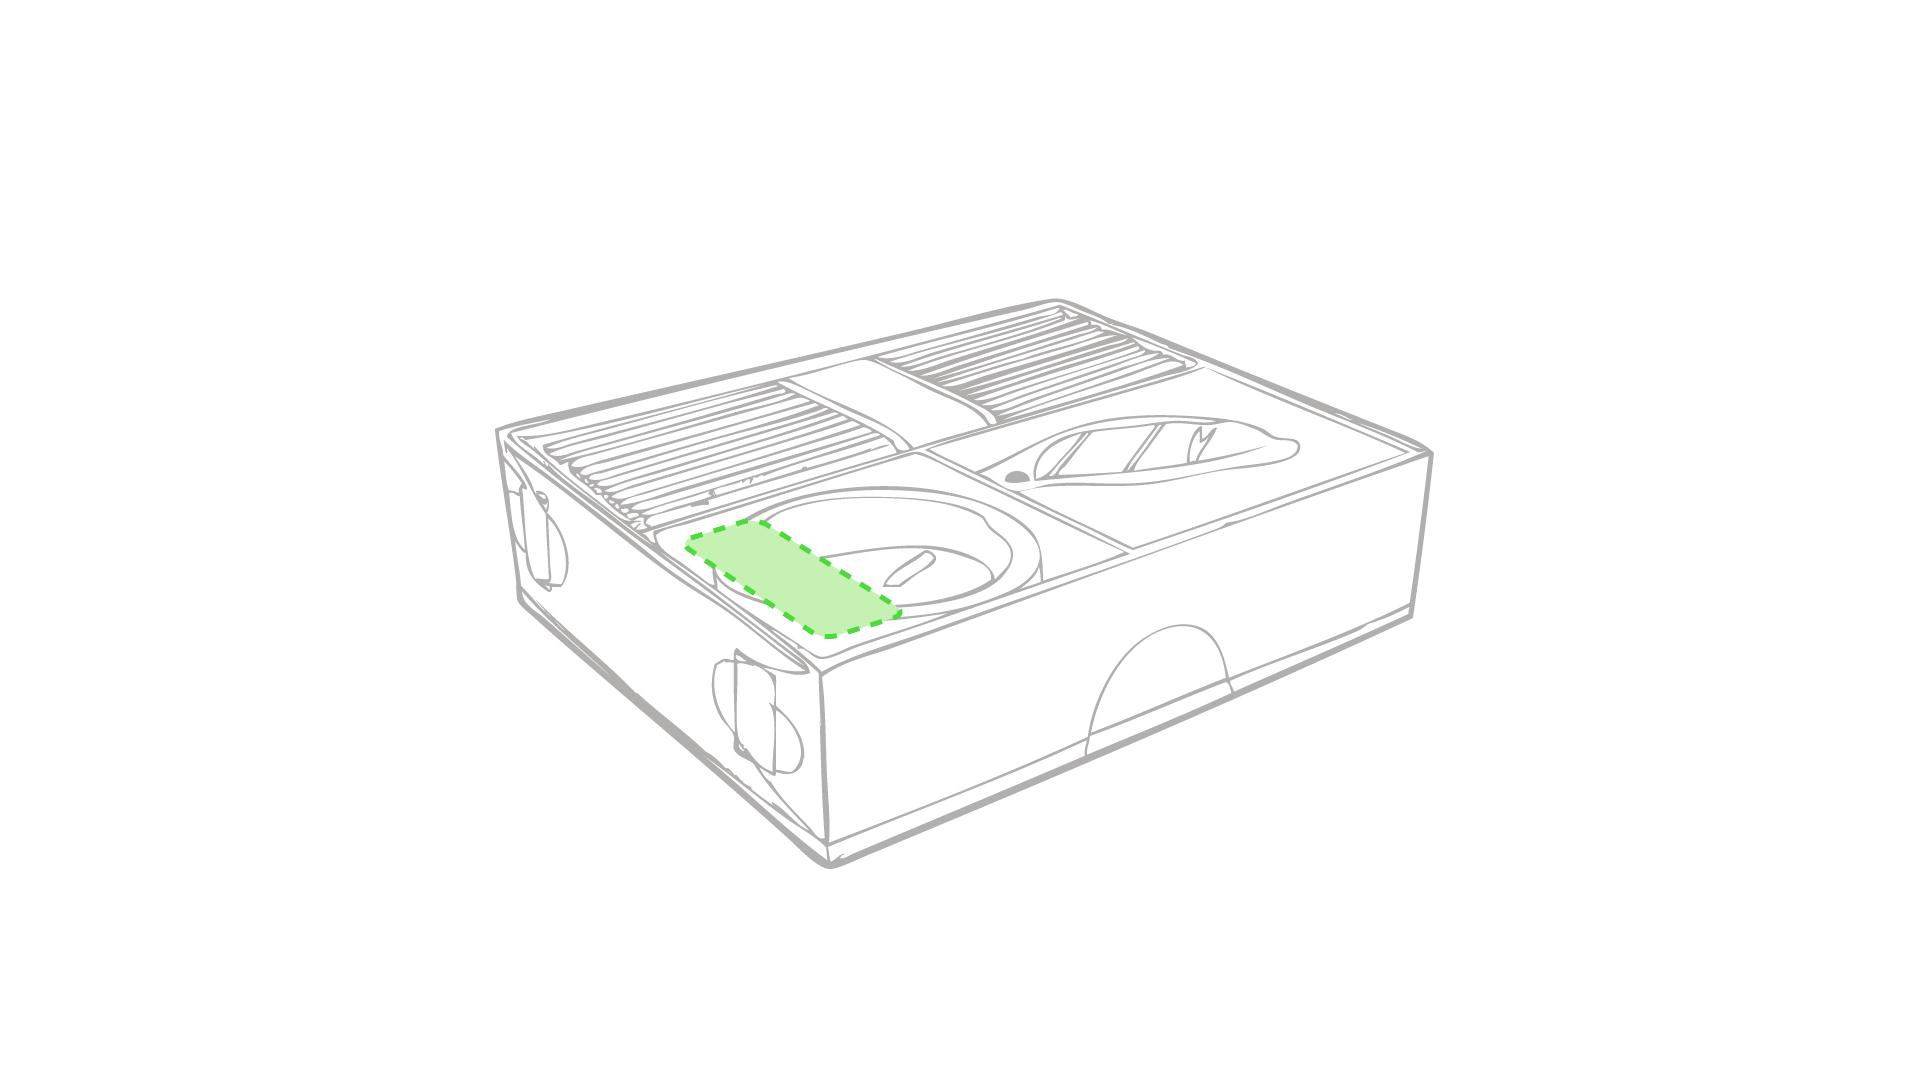 Sobre la caja de presentación